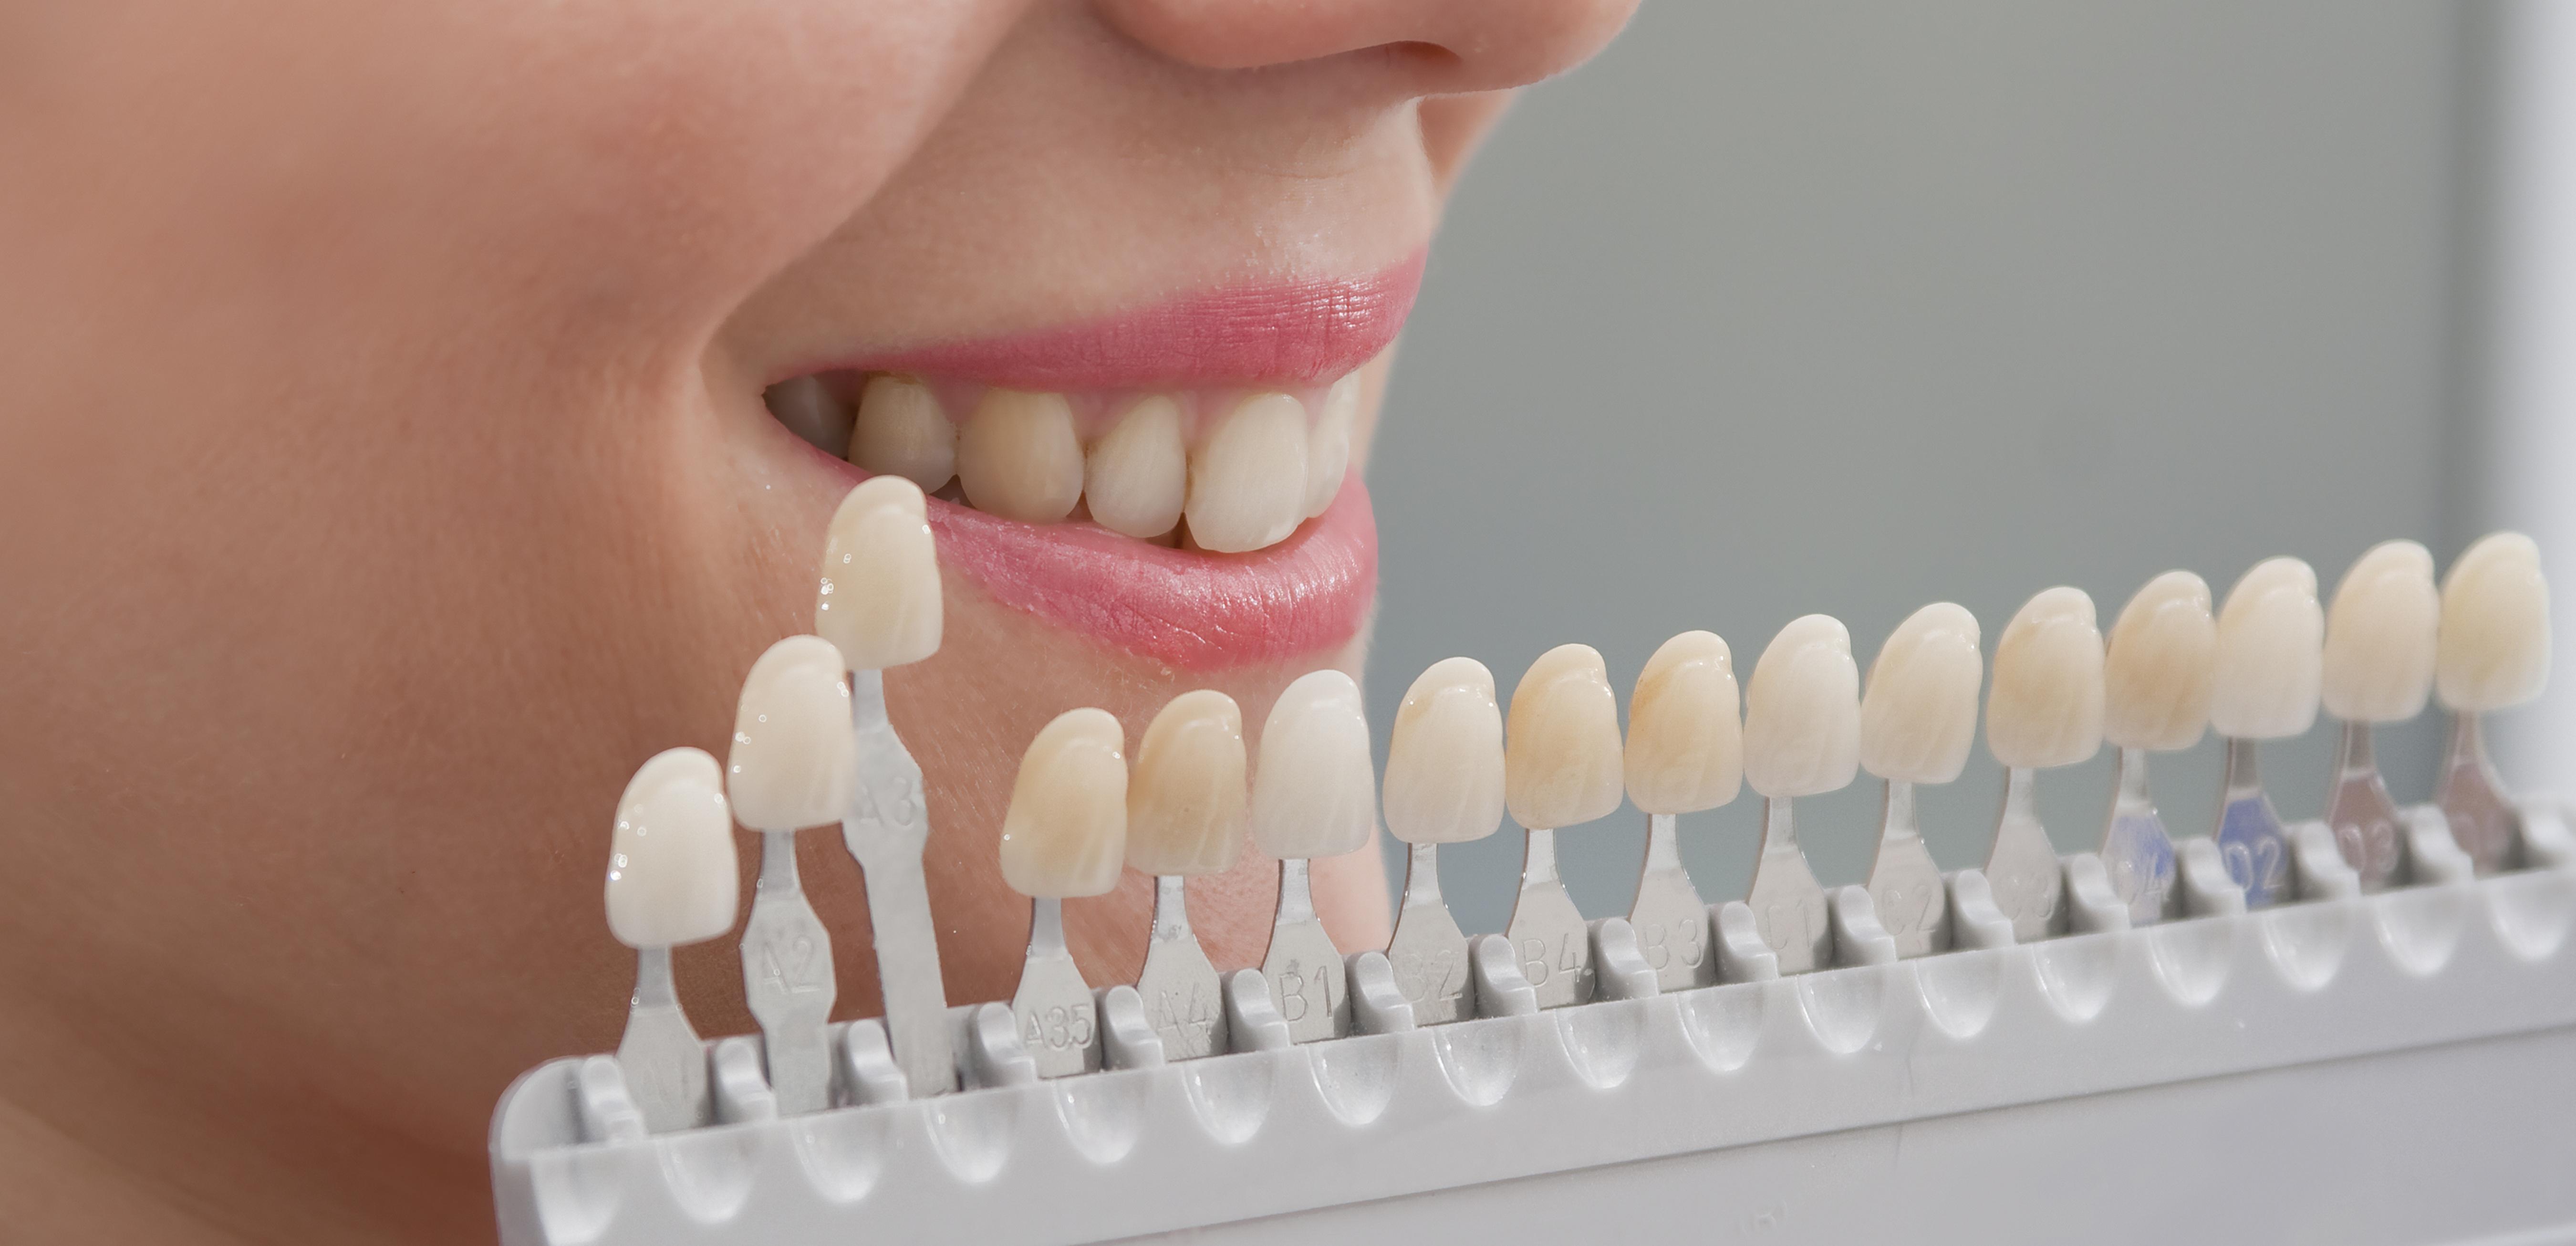 Avaliando a Cor dos Dentes por meio da Escala de Cor